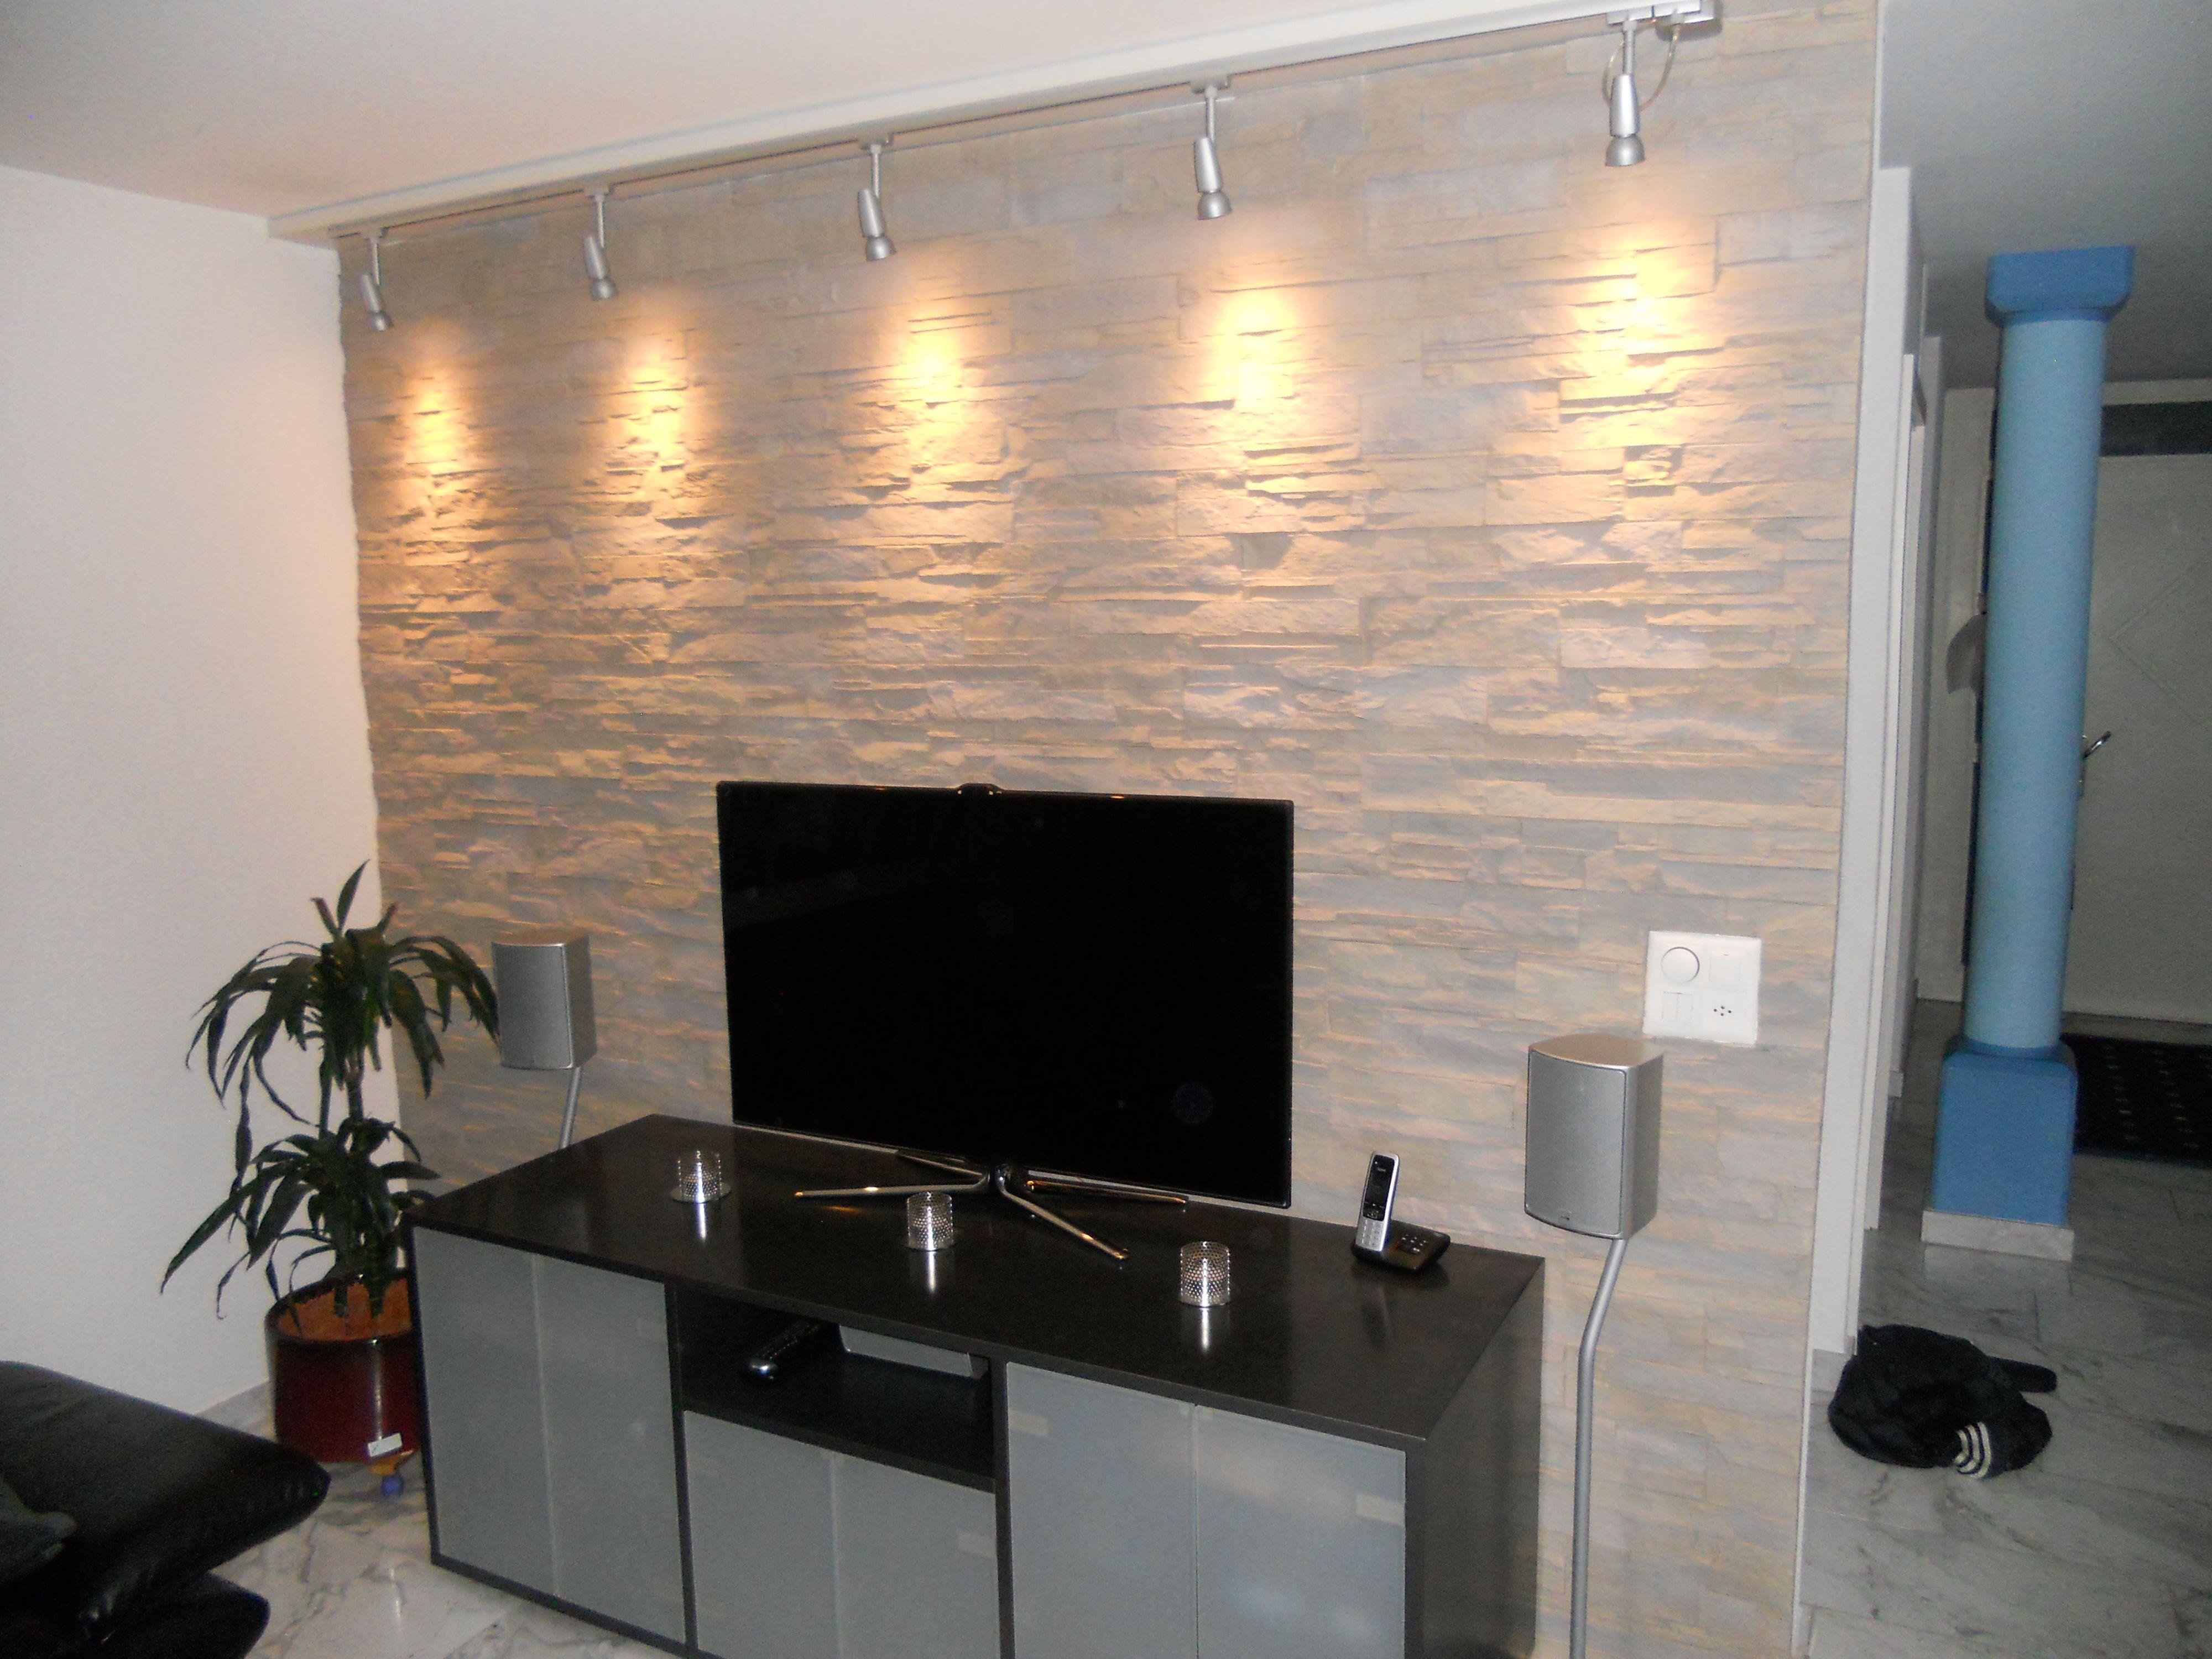 Wandverkleidung Steinoptik mit Beleuchtung Lascas  Wandgestaltung Wohnzimmer in 2019